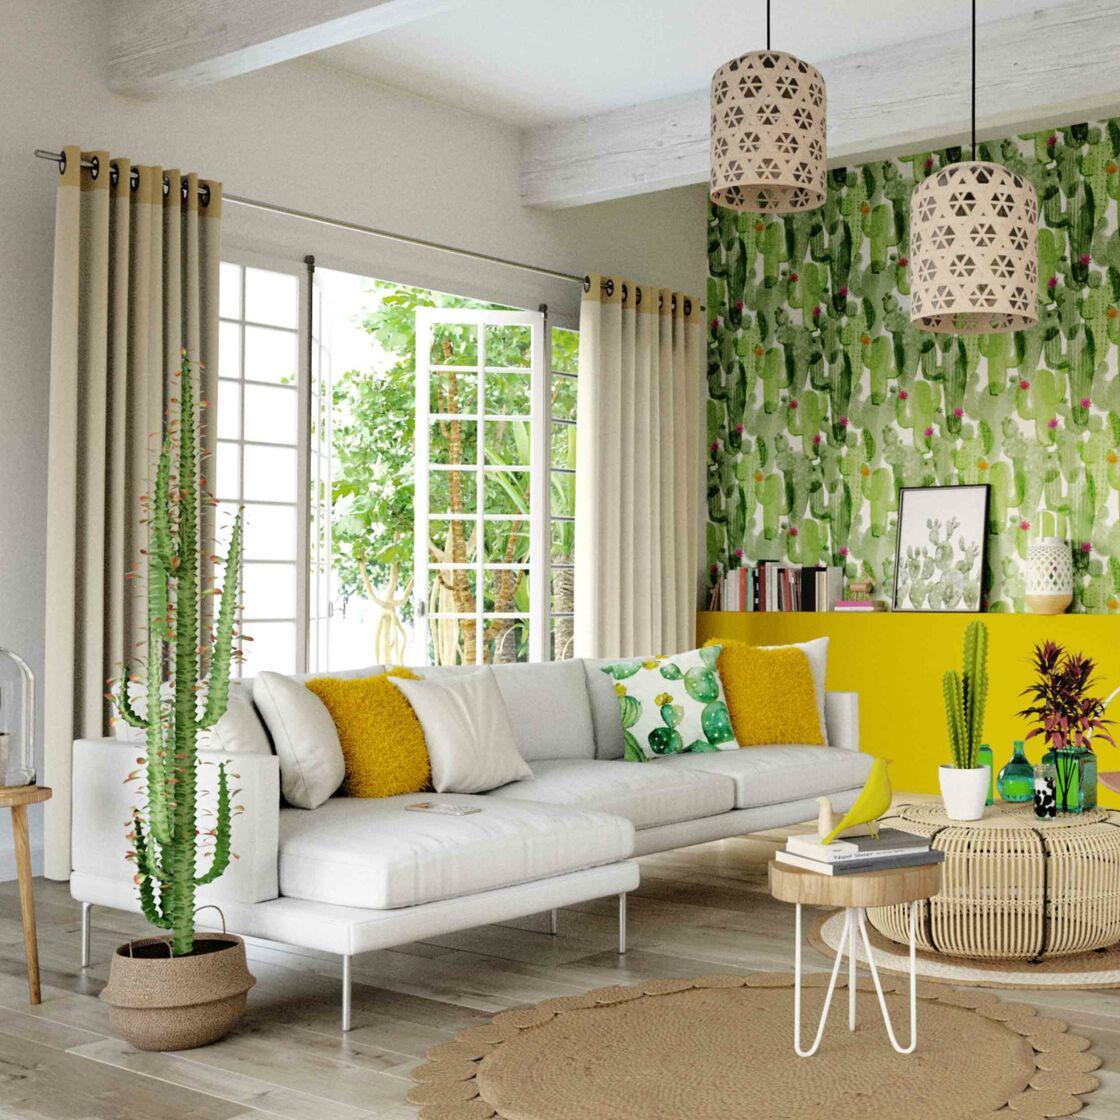 Deco Chambre Style Exotique tendance exotique : place aux tropiques dans la déco : femme